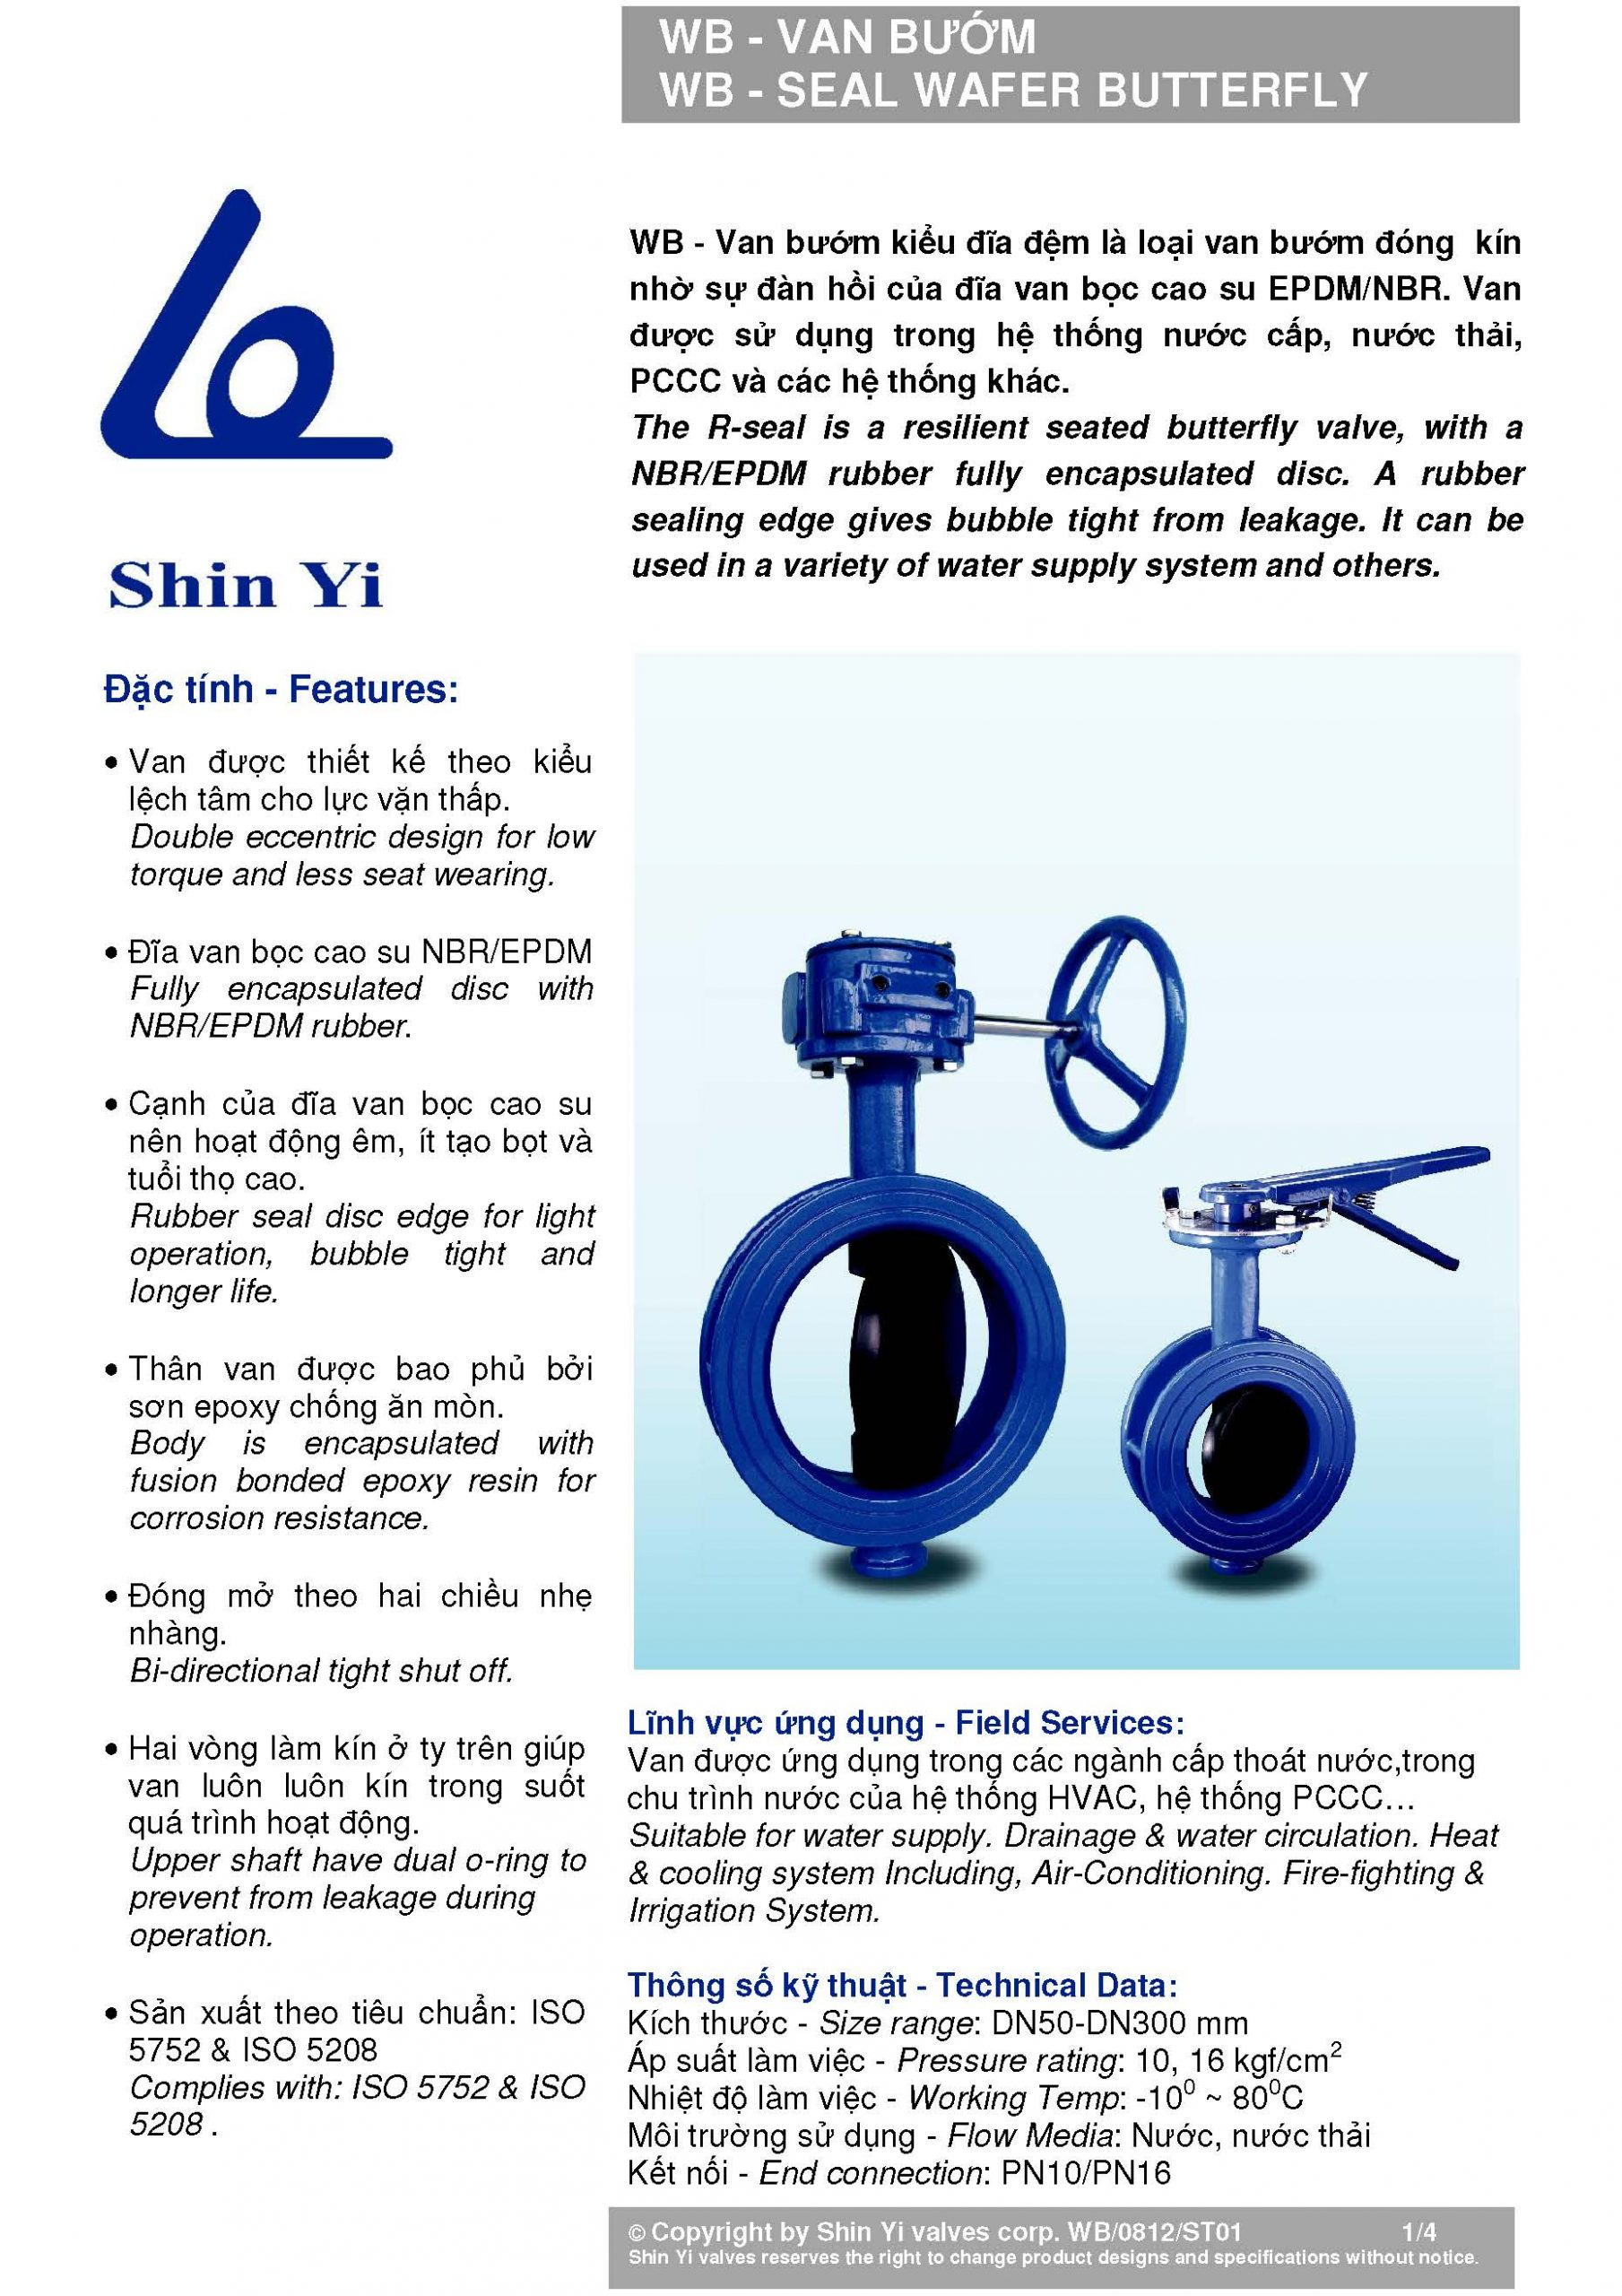 thông số kỹ thuật van bướm tay quay, tay gạt Shin Yi – Đài Loan (Butterfly valve)